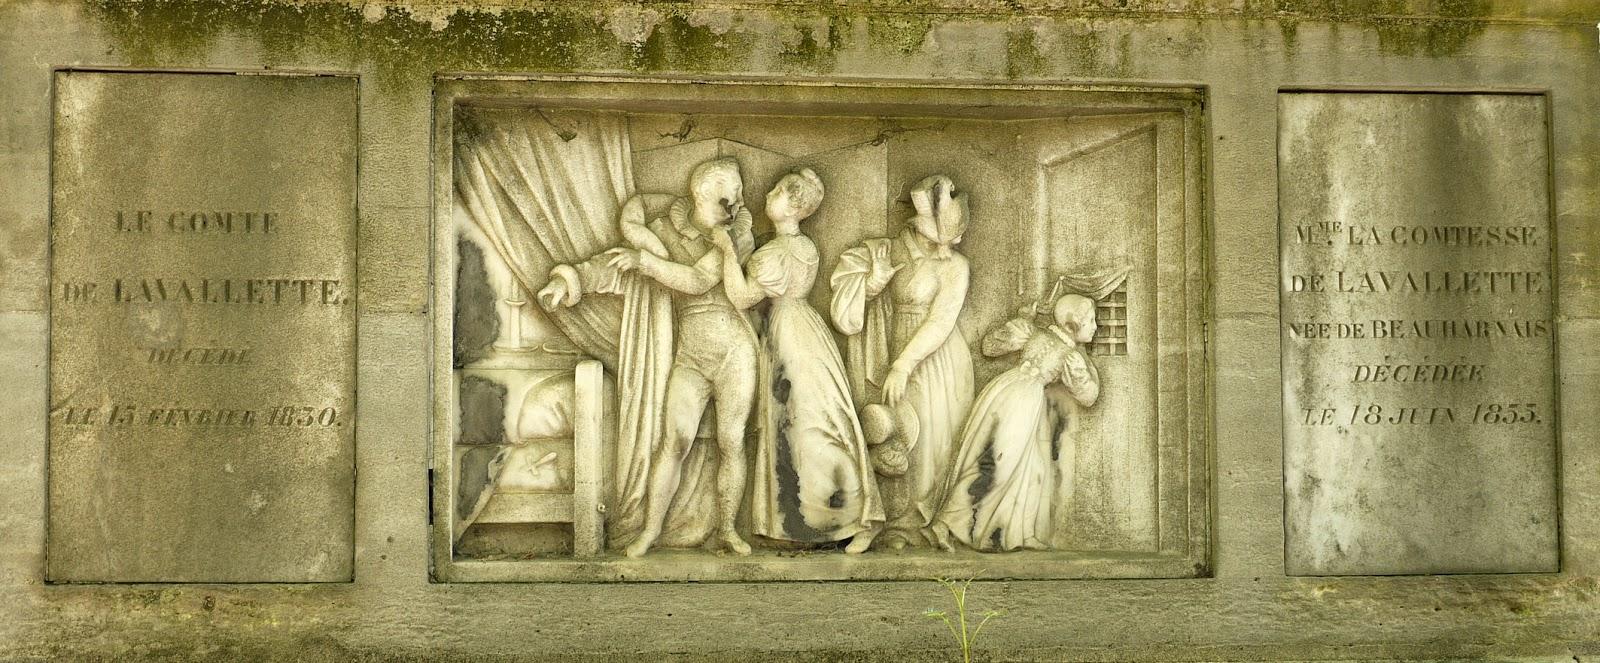 graf napoleon parijs